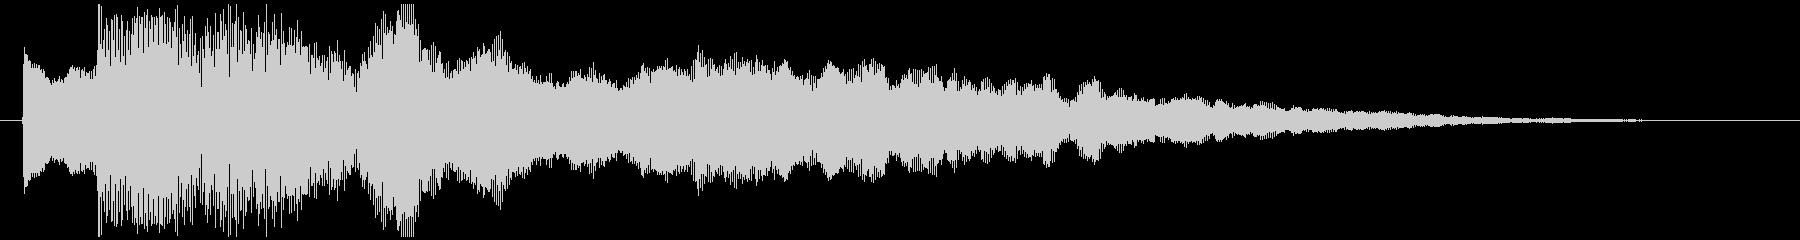 神秘的で透明感のあるアクセント音4の未再生の波形